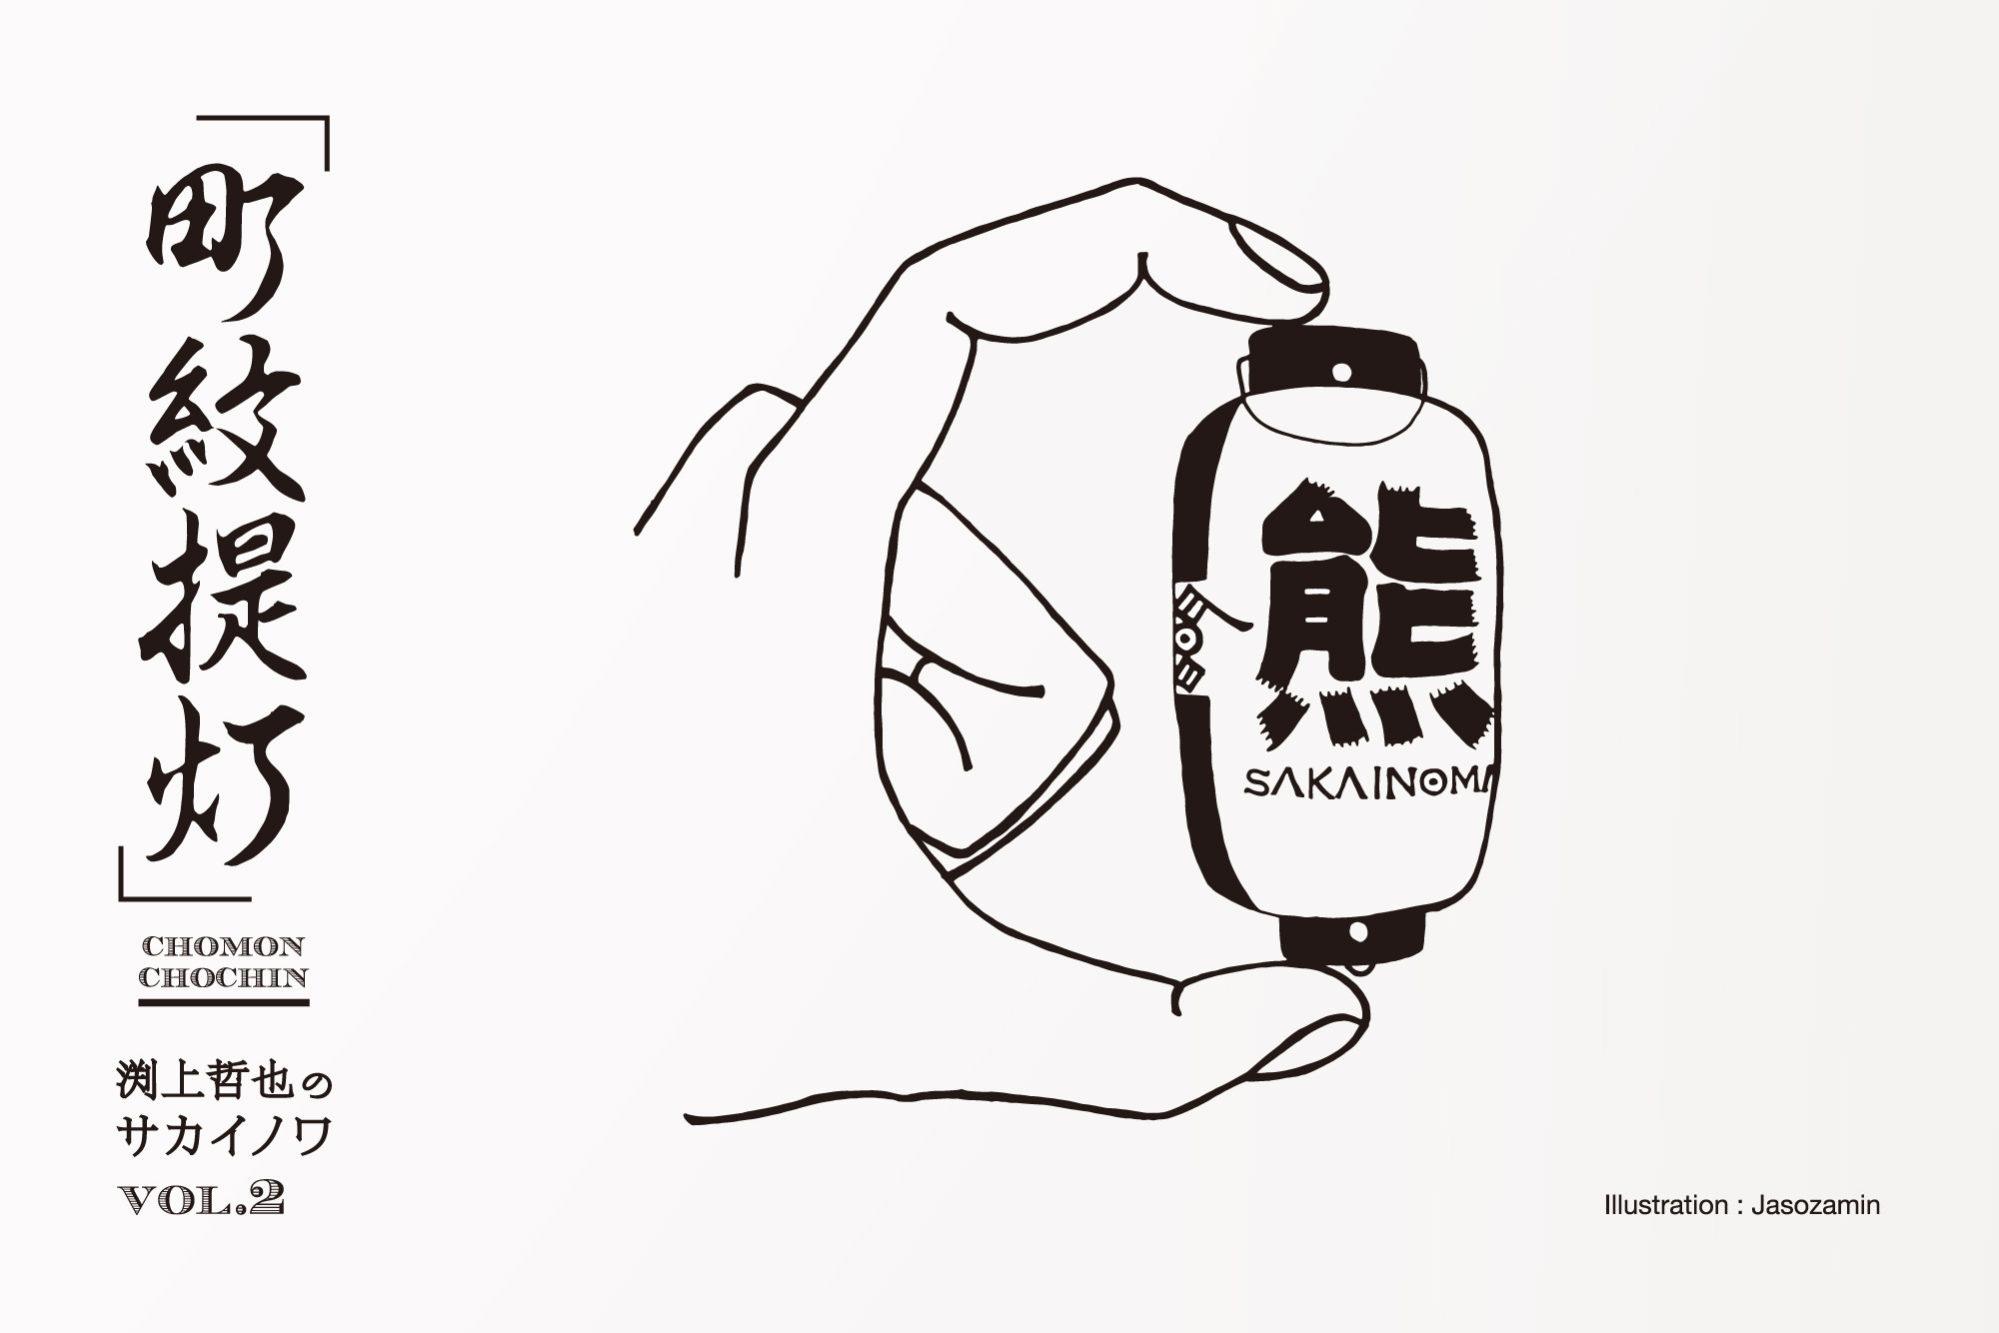 渕上哲也のサカイノワ  vol.2 「町紋提灯」